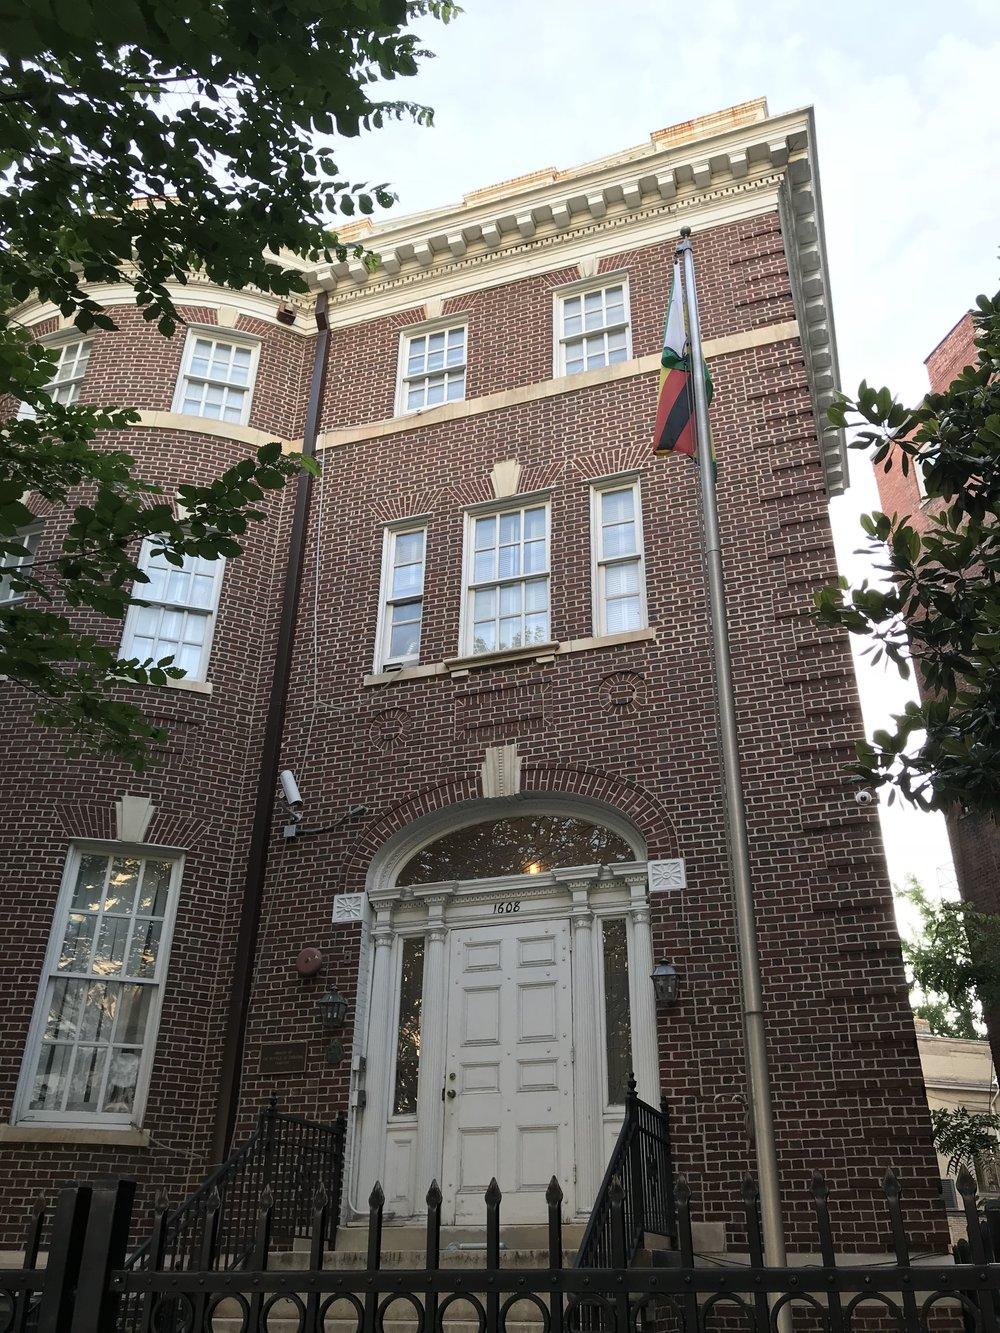 The Embassy of Zimbabwe.